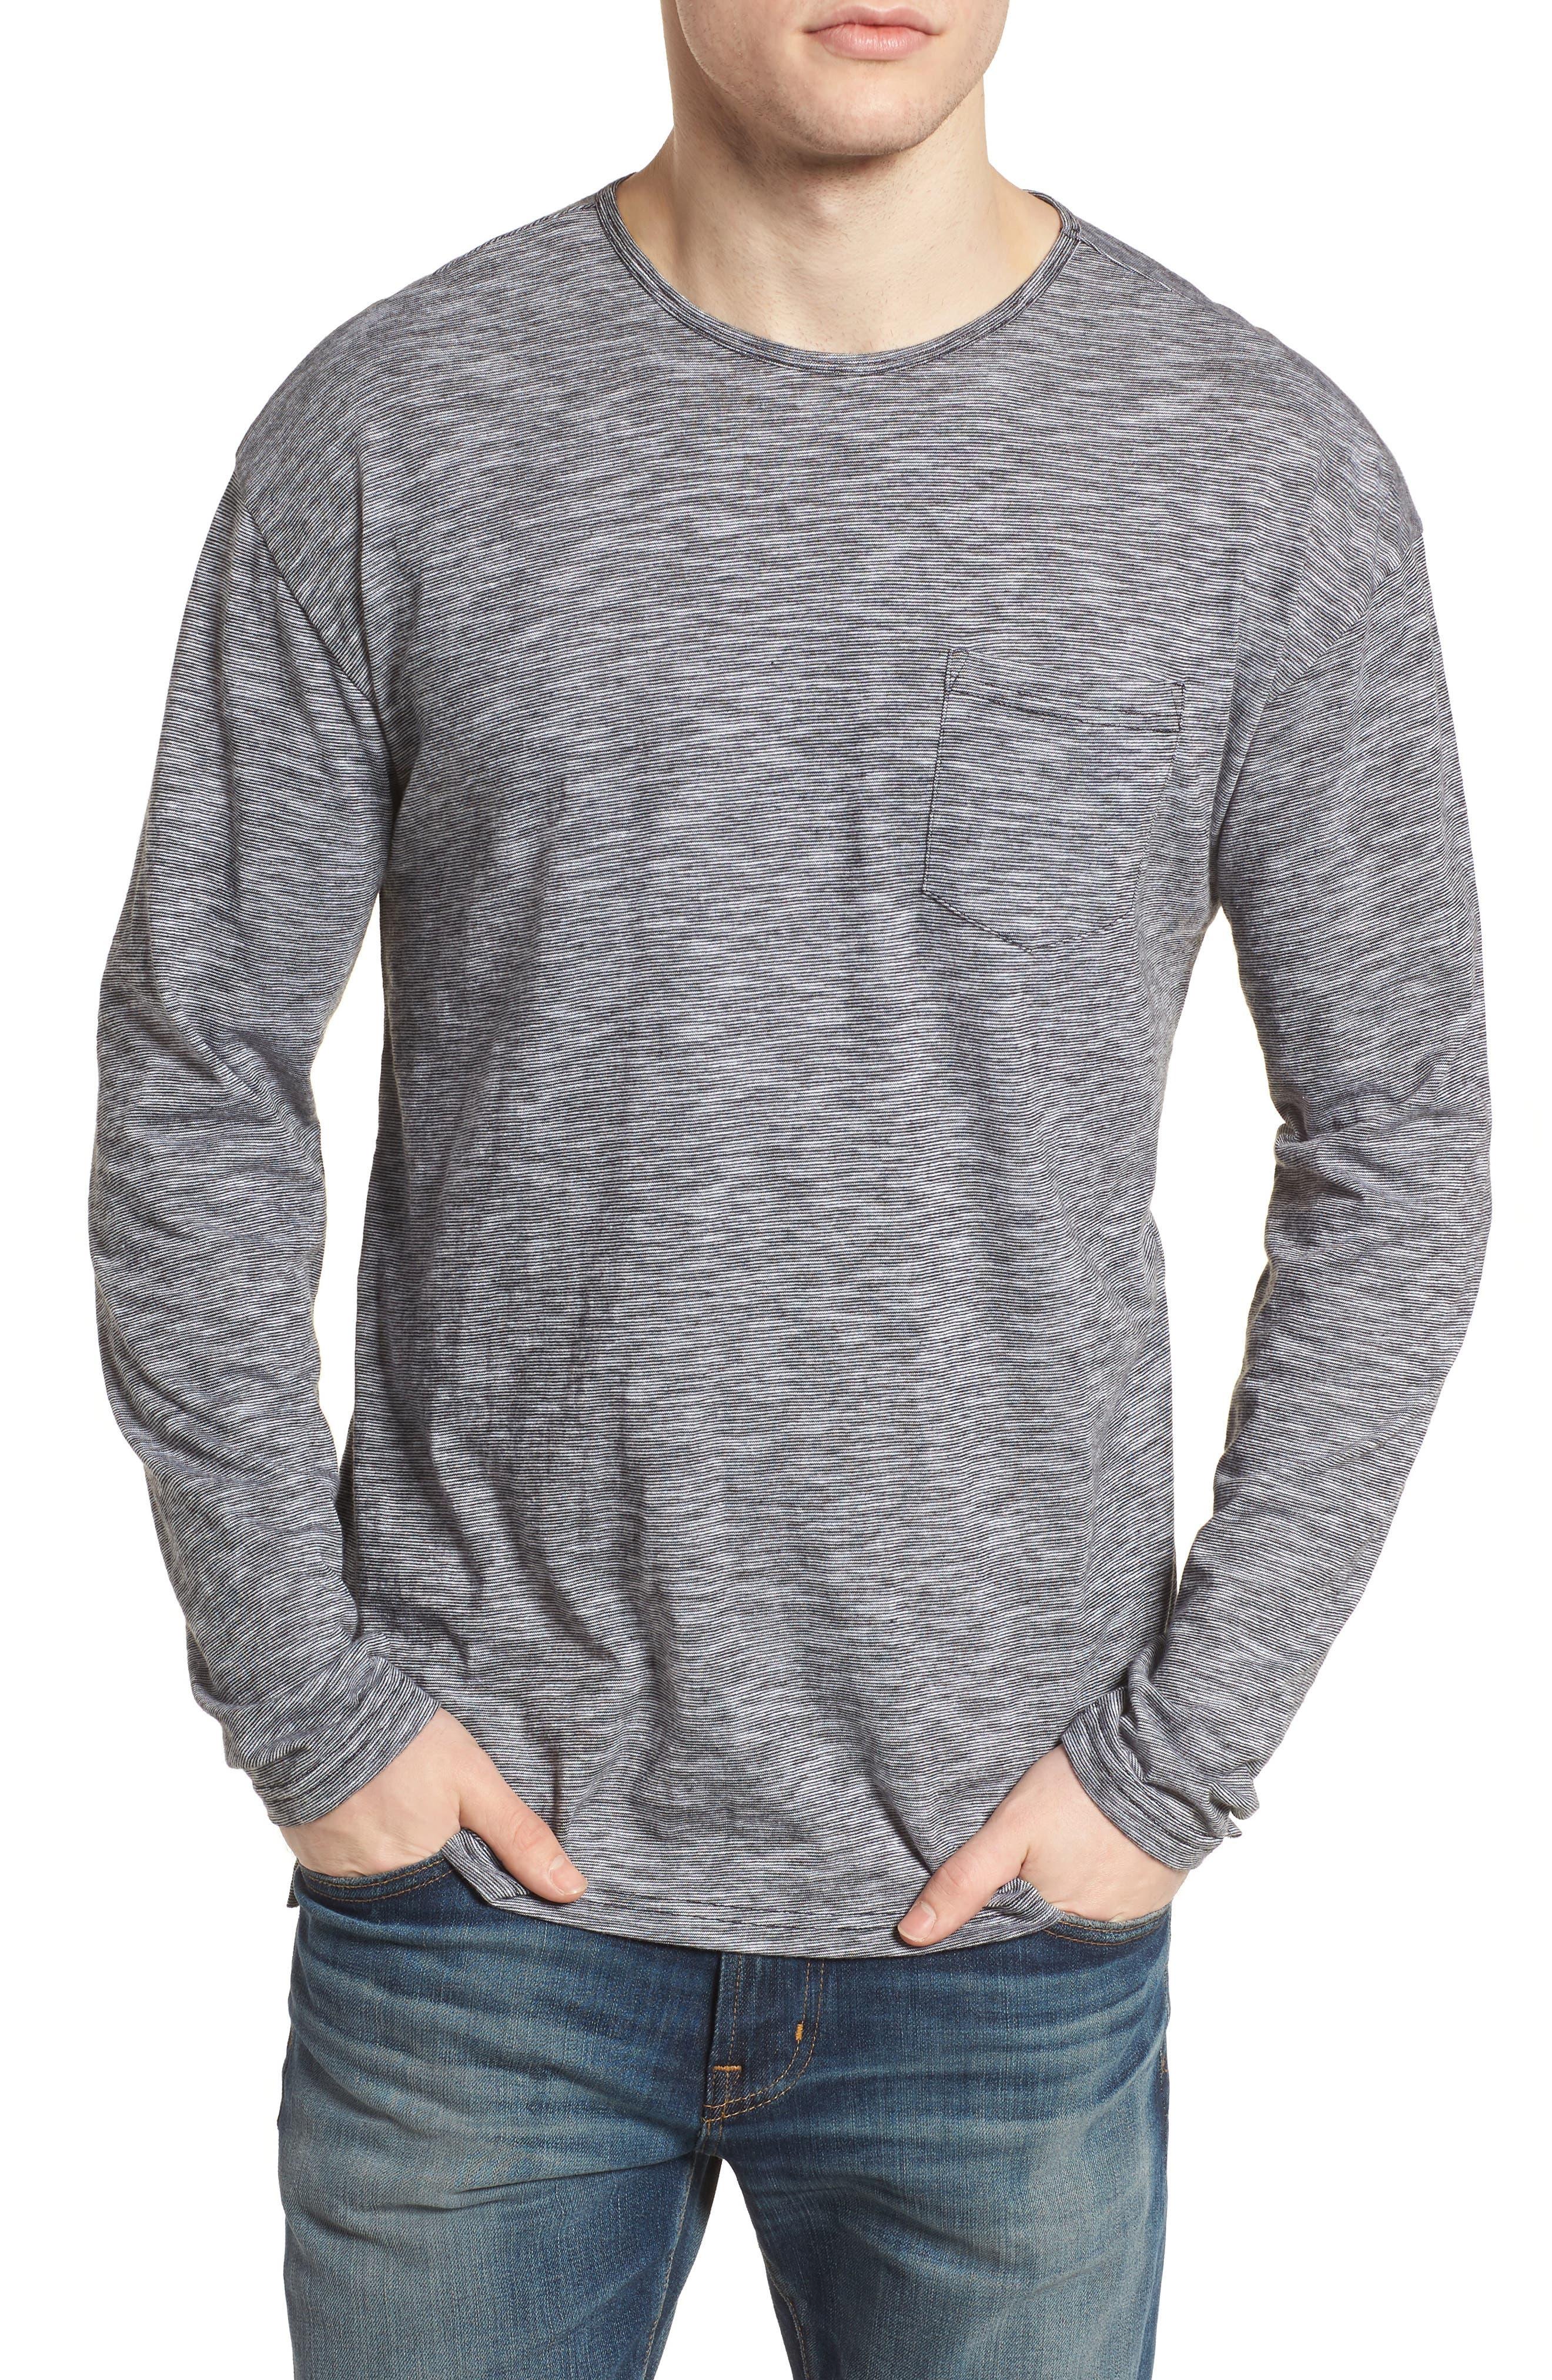 Steady Pocket T-Shirt,                             Main thumbnail 1, color,                             010